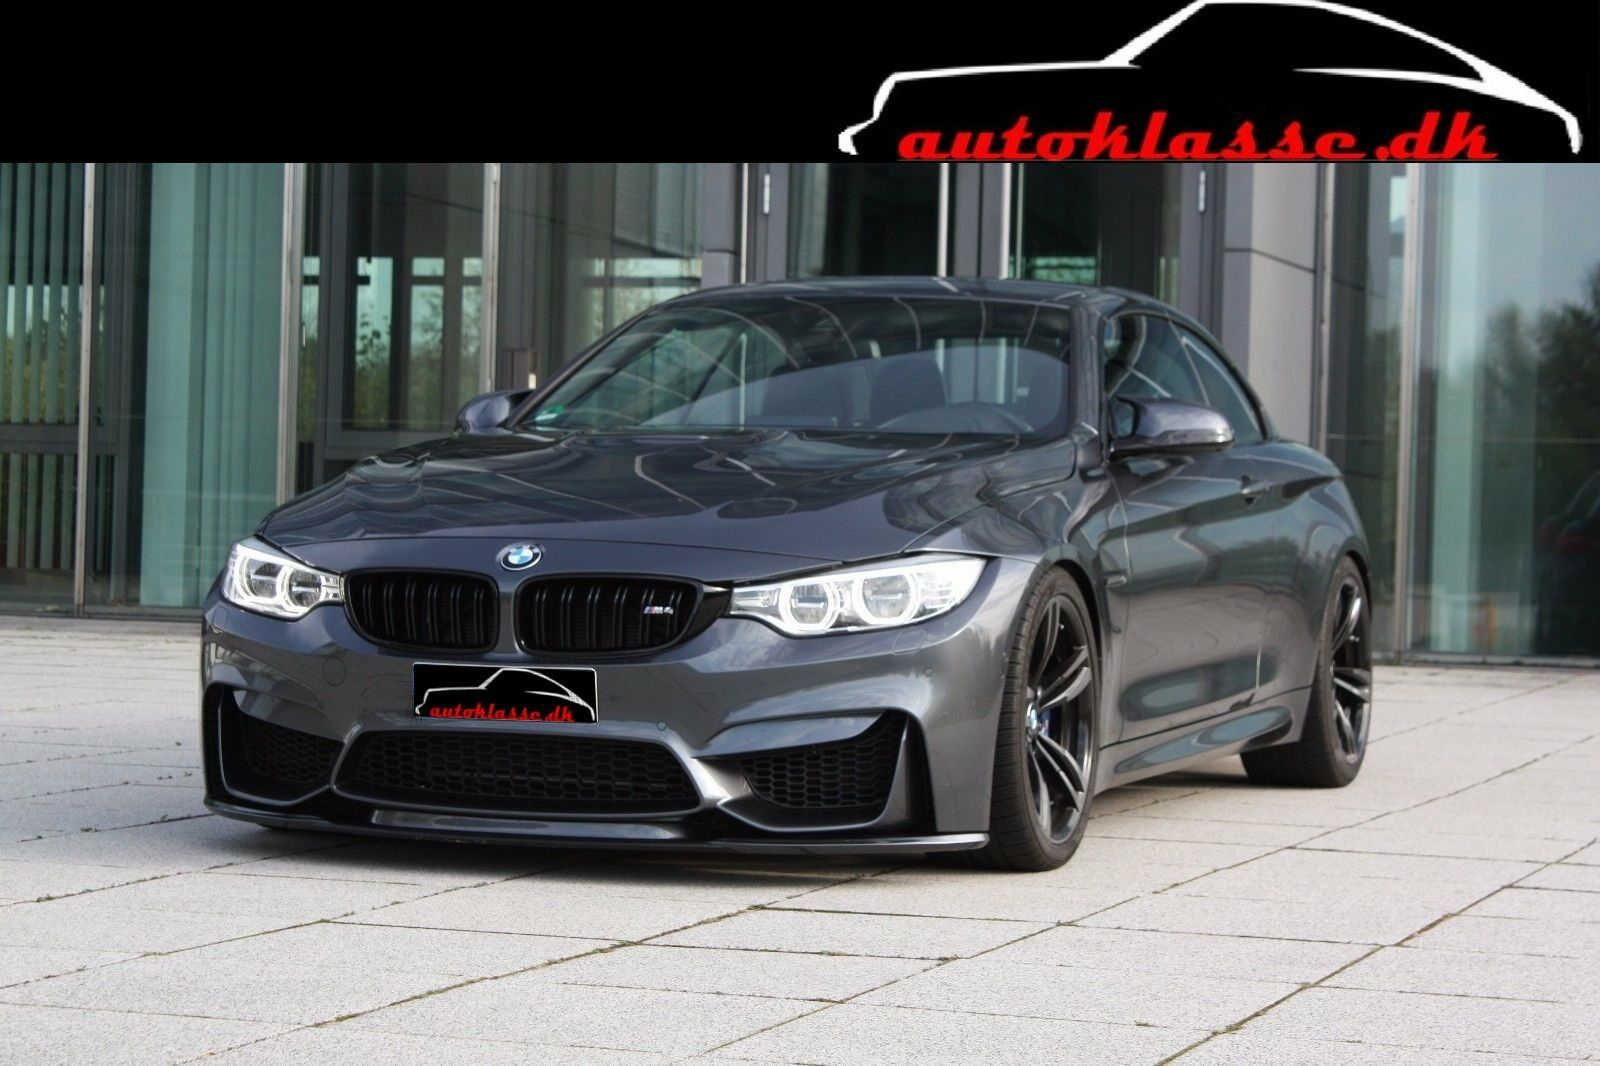 BMW M4 3,0 Cabriolet aut. 2d - 2.200 kr.